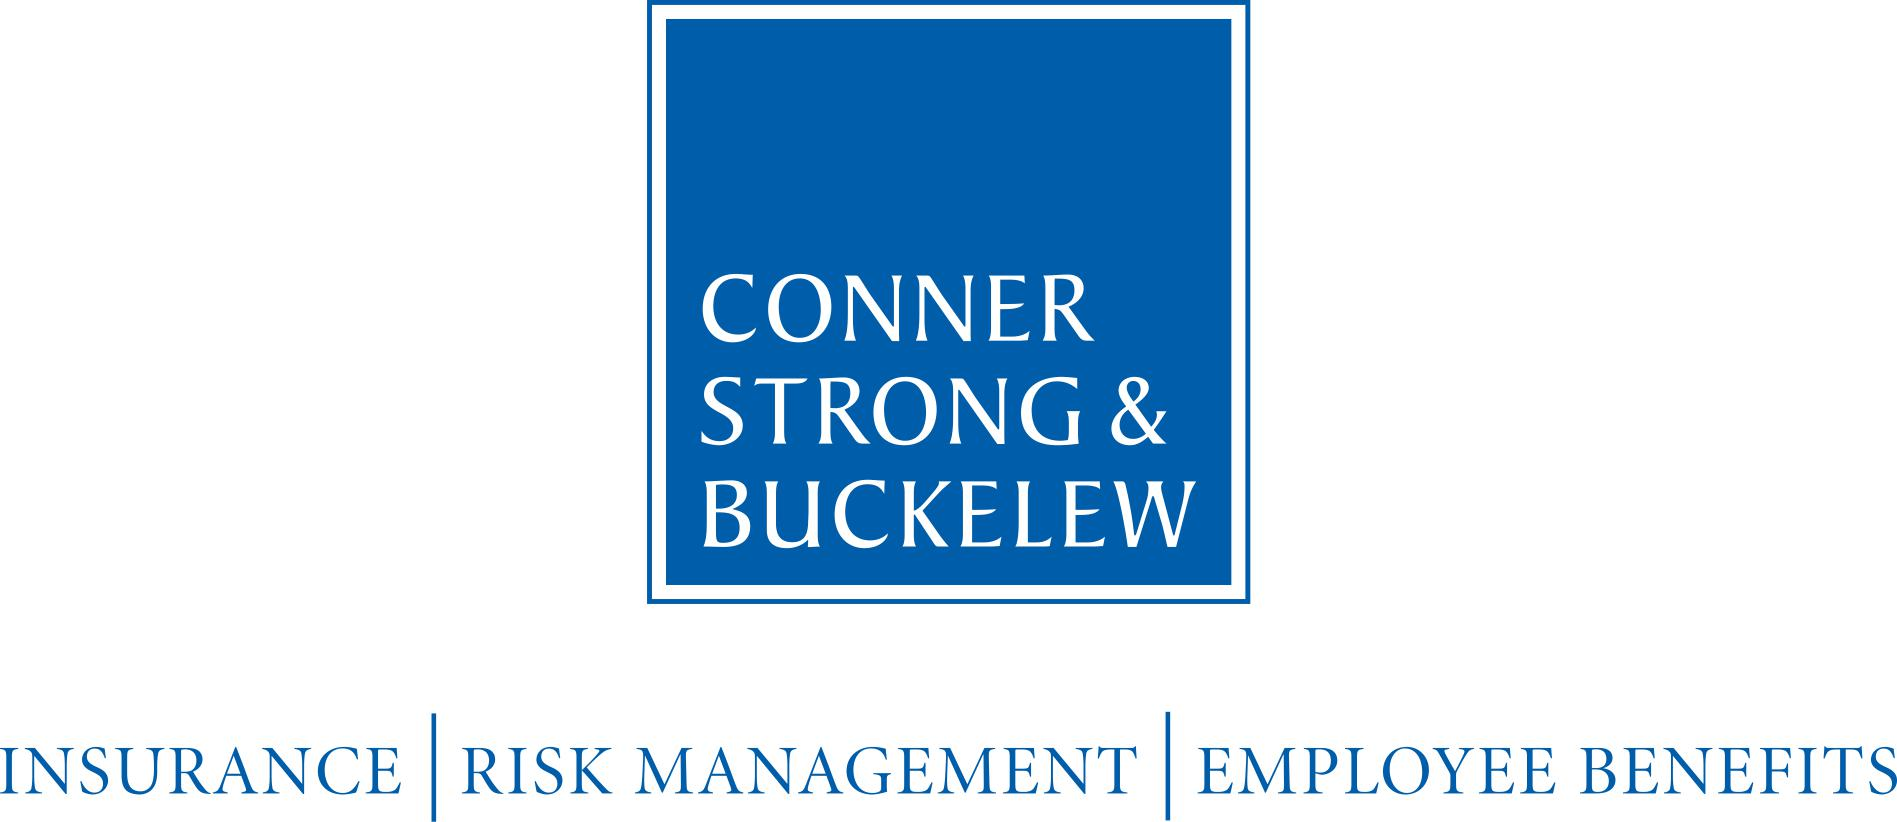 Conner Strong & Buckelew